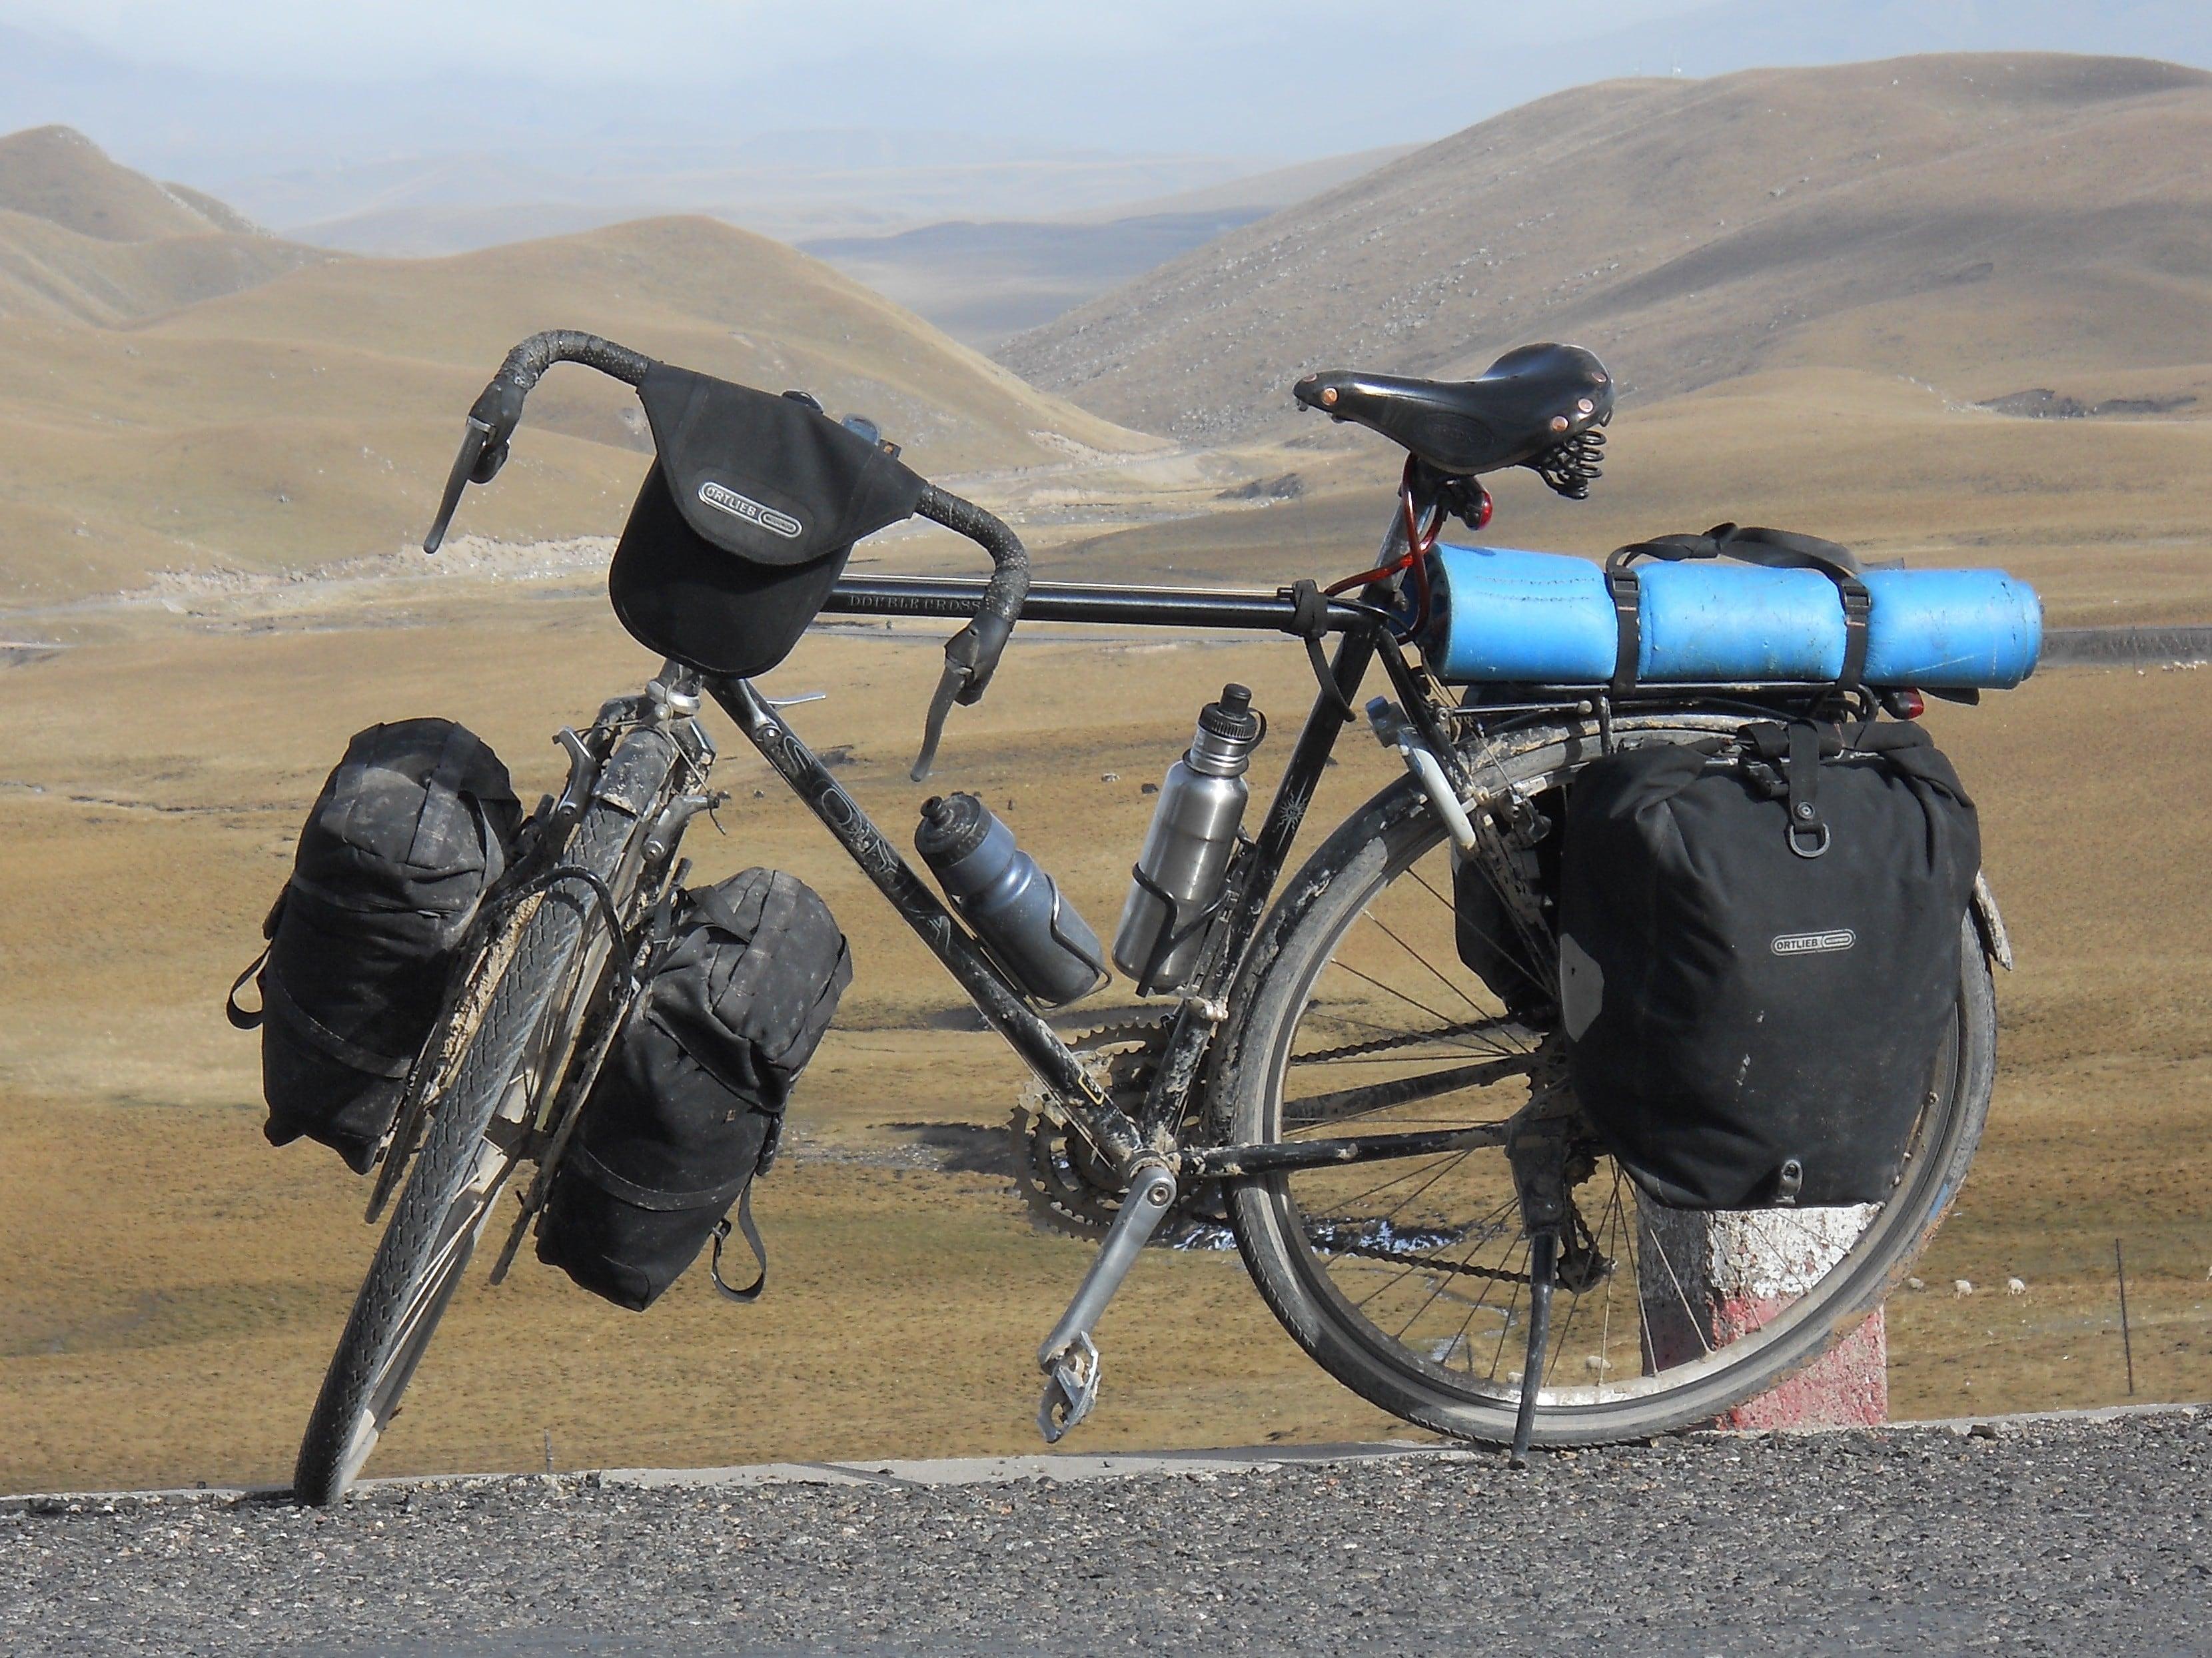 туристические велосипеды фото раскрыл секрет крышки